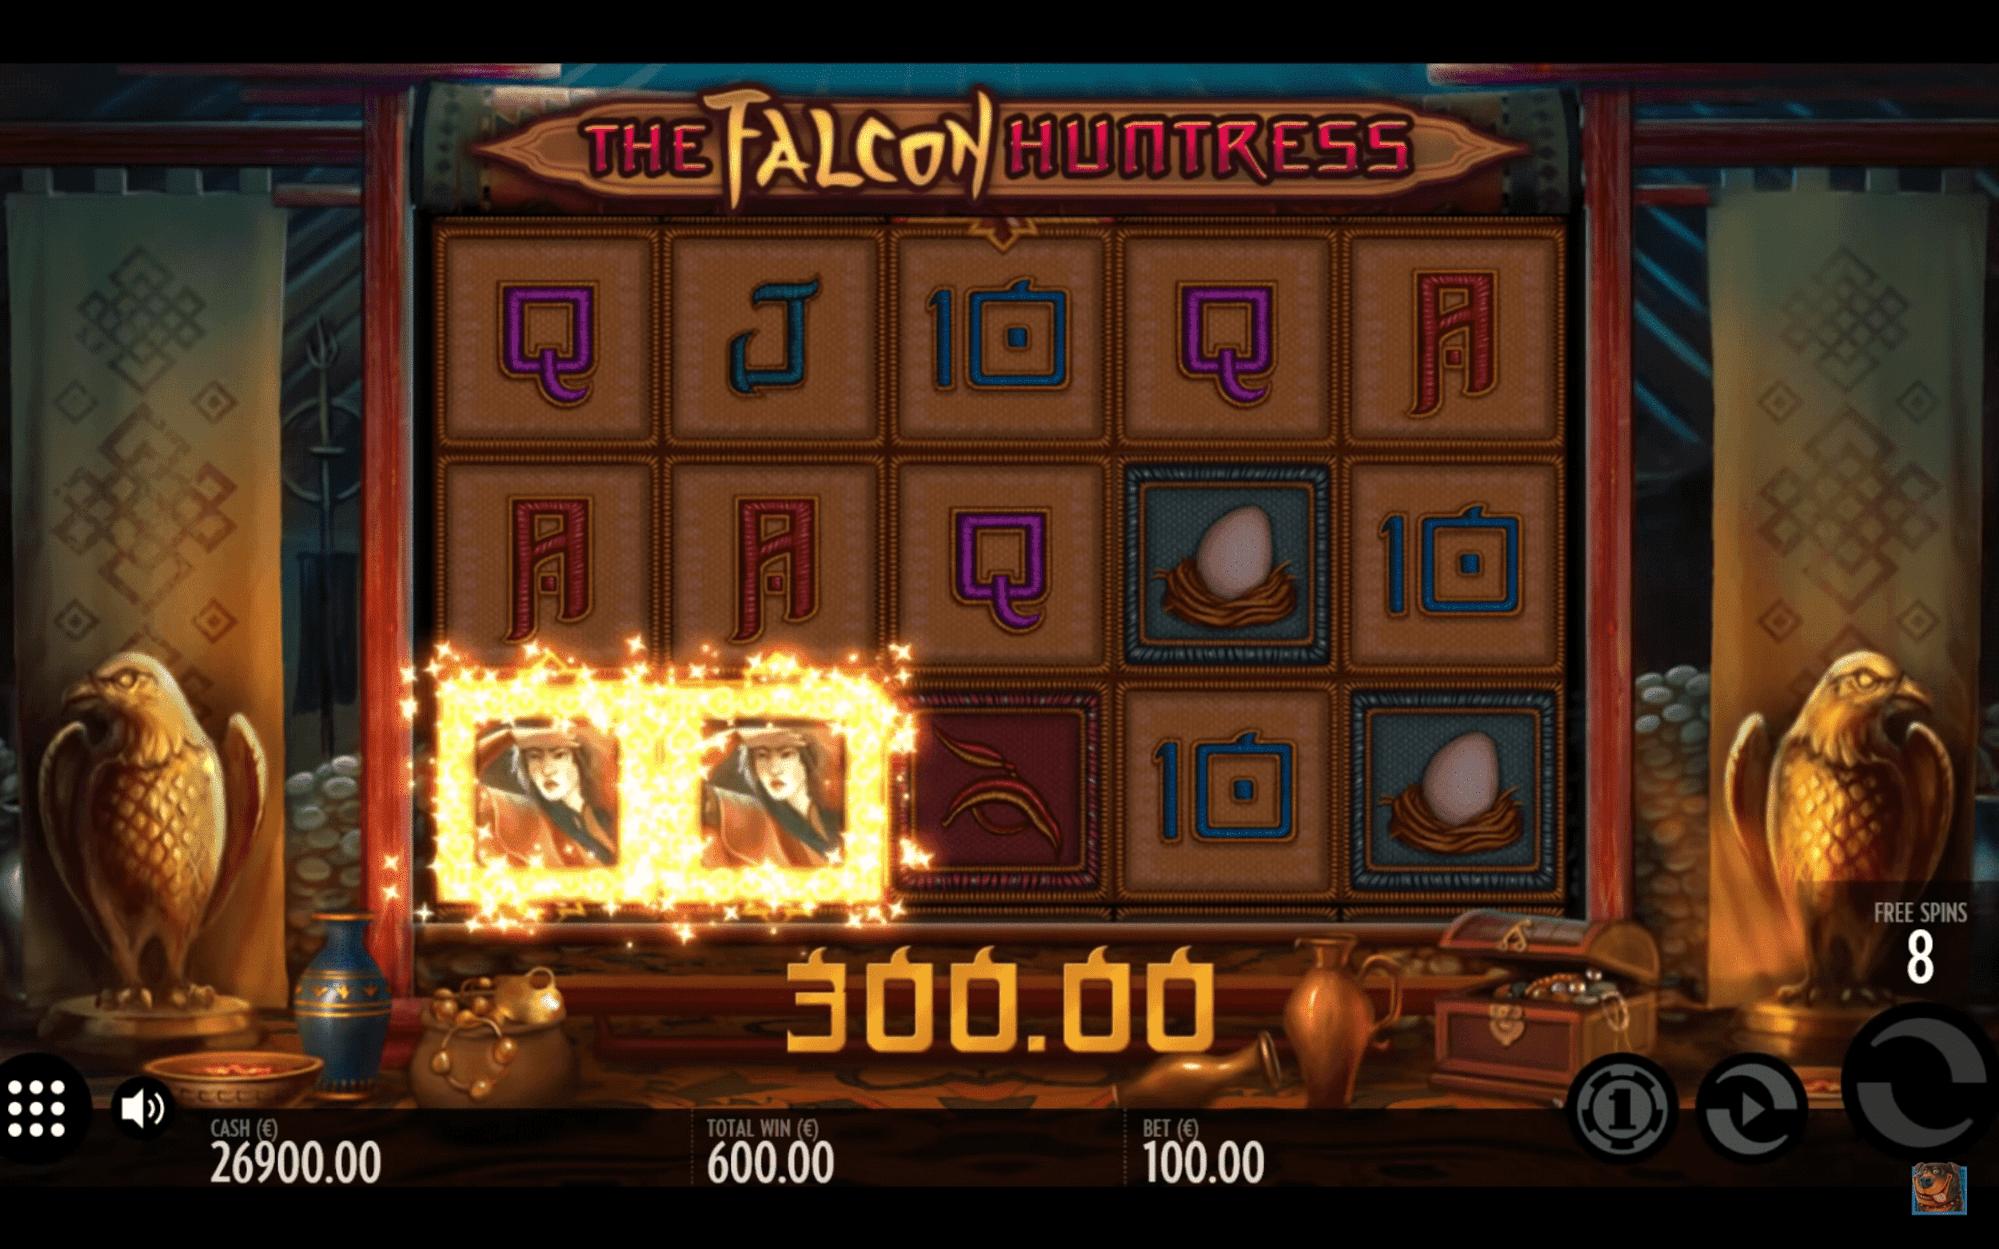 Spielen Sie The Falcon Huntress Slot Machine im Betchaser Casino-2